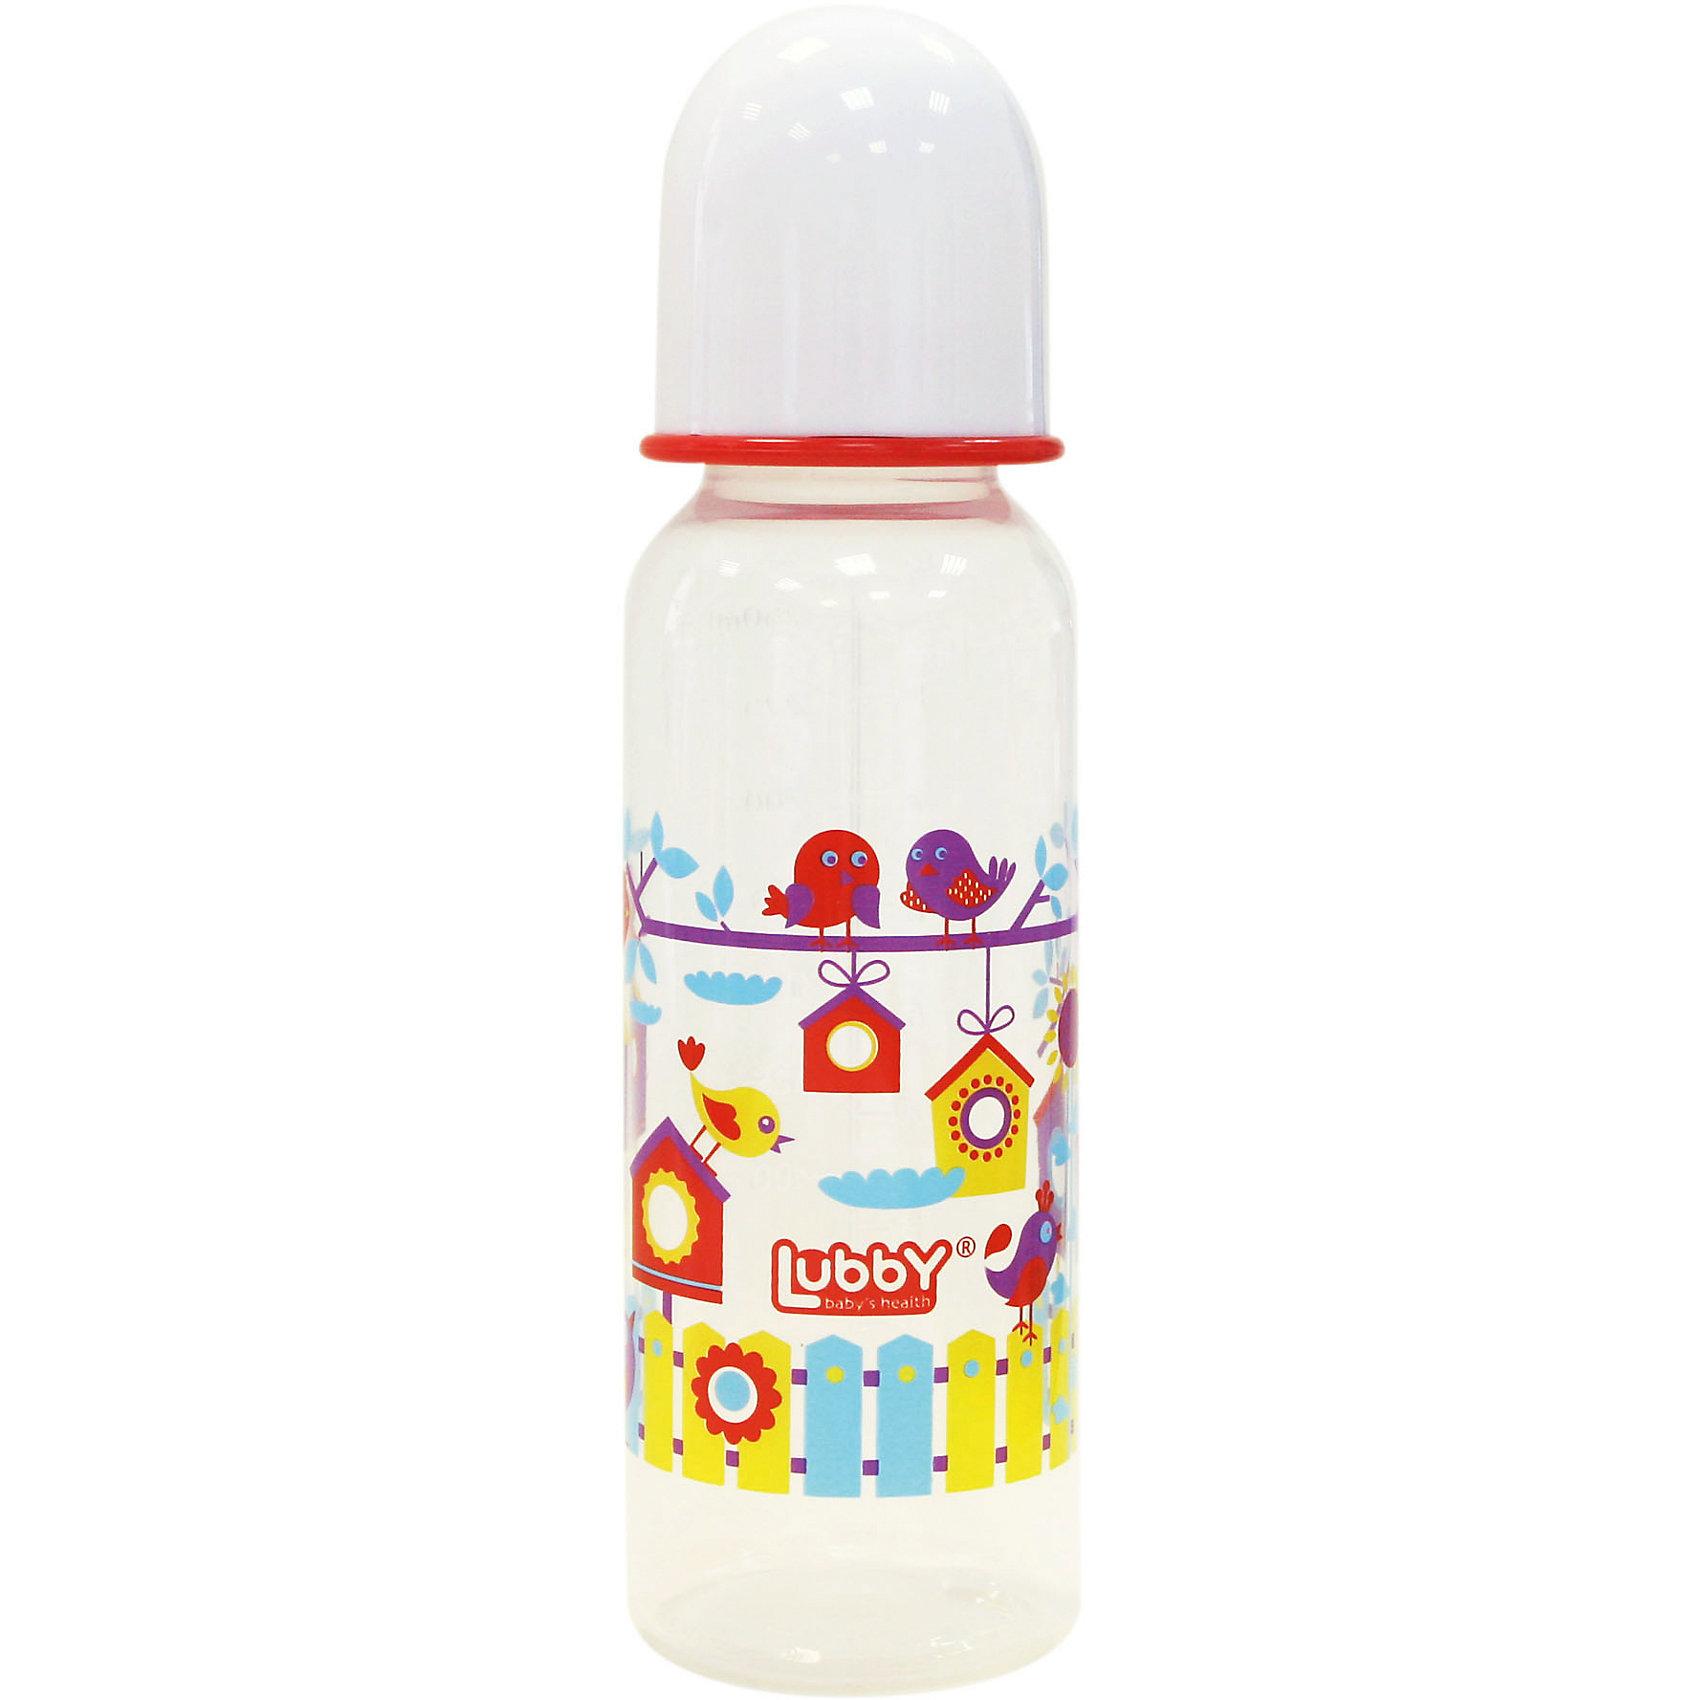 Бутылочка с соской Малыши и малышки от 0 мес., 250 мл., LUBBY, красныйБлокирующие и защитные устройства для дома<br>Характеристики товара:<br><br>• размер М<br>• средний поток<br>• материал: пластик<br>• срок службы: Бутылочки - 1год, соски - 45 дней<br>• объем: 250 мл.<br><br>С учетом возраста ребенка и для разного типа жидкостей используйте соски LUBBY различного потока (S, M, L, Х - для густой пищи)<br><br>Бутылочку с соской Малыши и малышки от 0 мес., 250 мл., LUBBY можно купить в нашем интернет-магазине.<br><br>Ширина мм: 180<br>Глубина мм: 20<br>Высота мм: 115<br>Вес г: 350<br>Возраст от месяцев: 0<br>Возраст до месяцев: 36<br>Пол: Унисекс<br>Возраст: Детский<br>SKU: 4801544